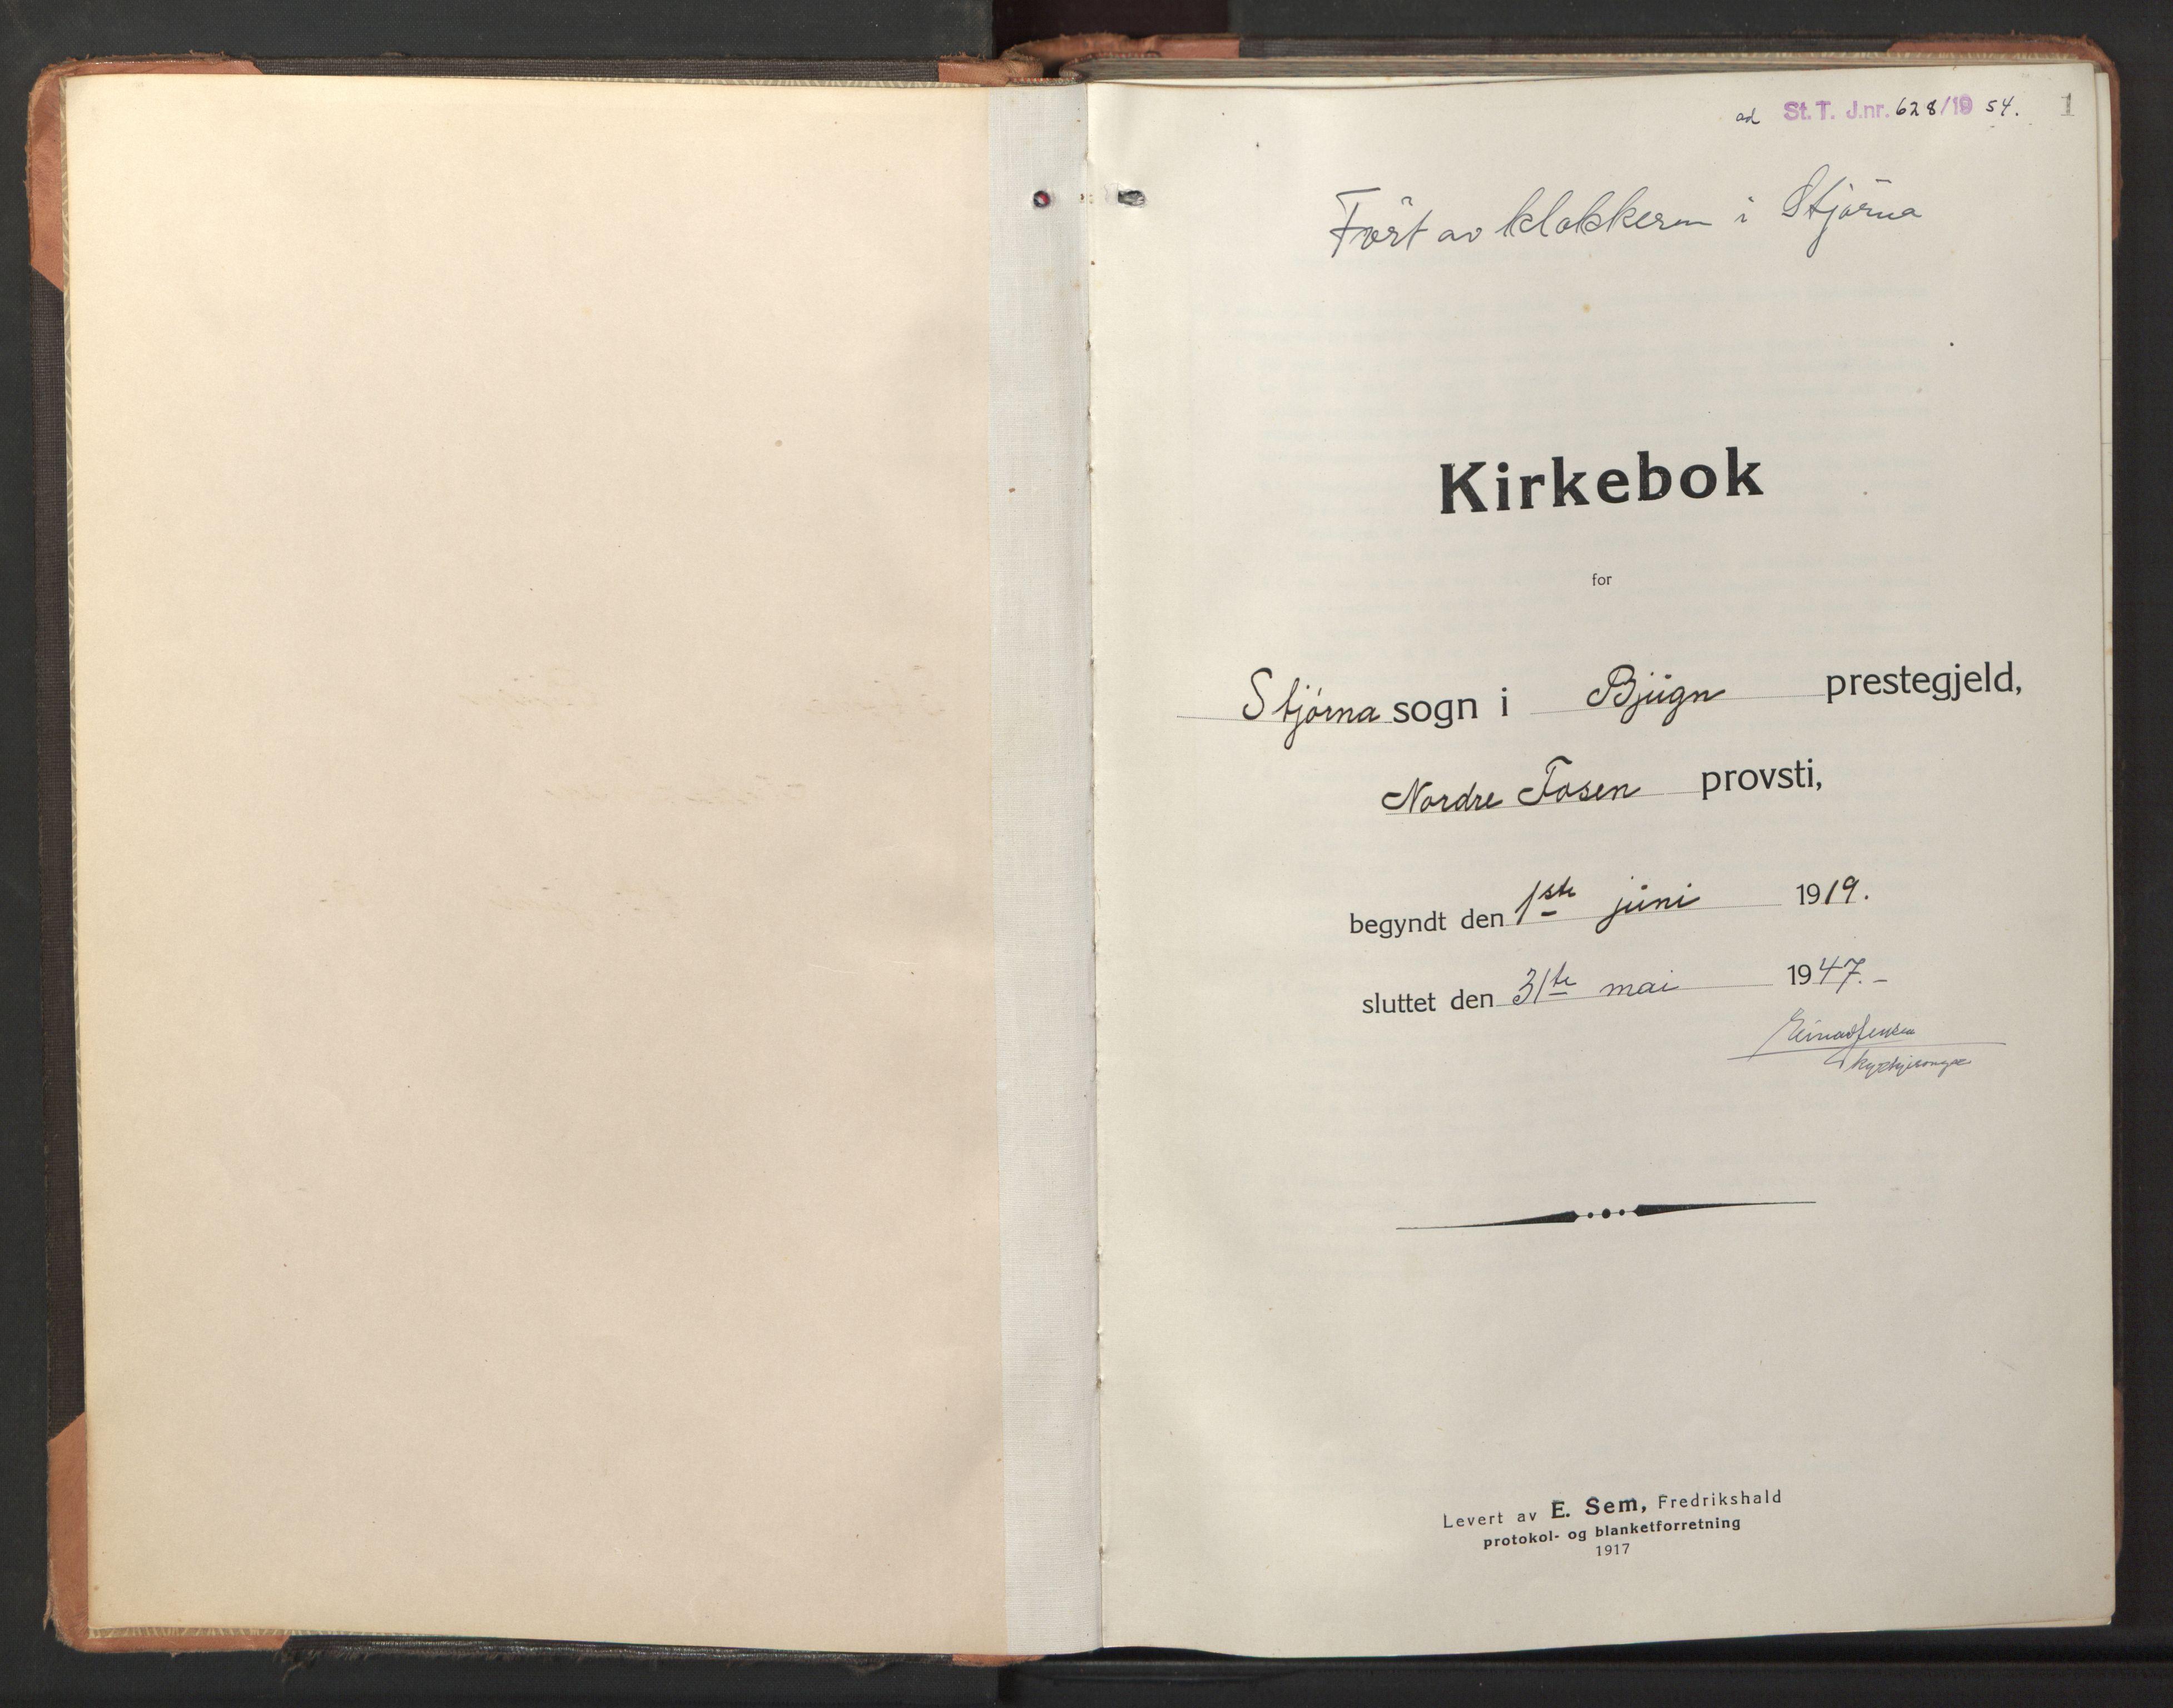 SAT, Ministerialprotokoller, klokkerbøker og fødselsregistre - Sør-Trøndelag, 653/L0658: Klokkerbok nr. 653C02, 1919-1947, s. 1